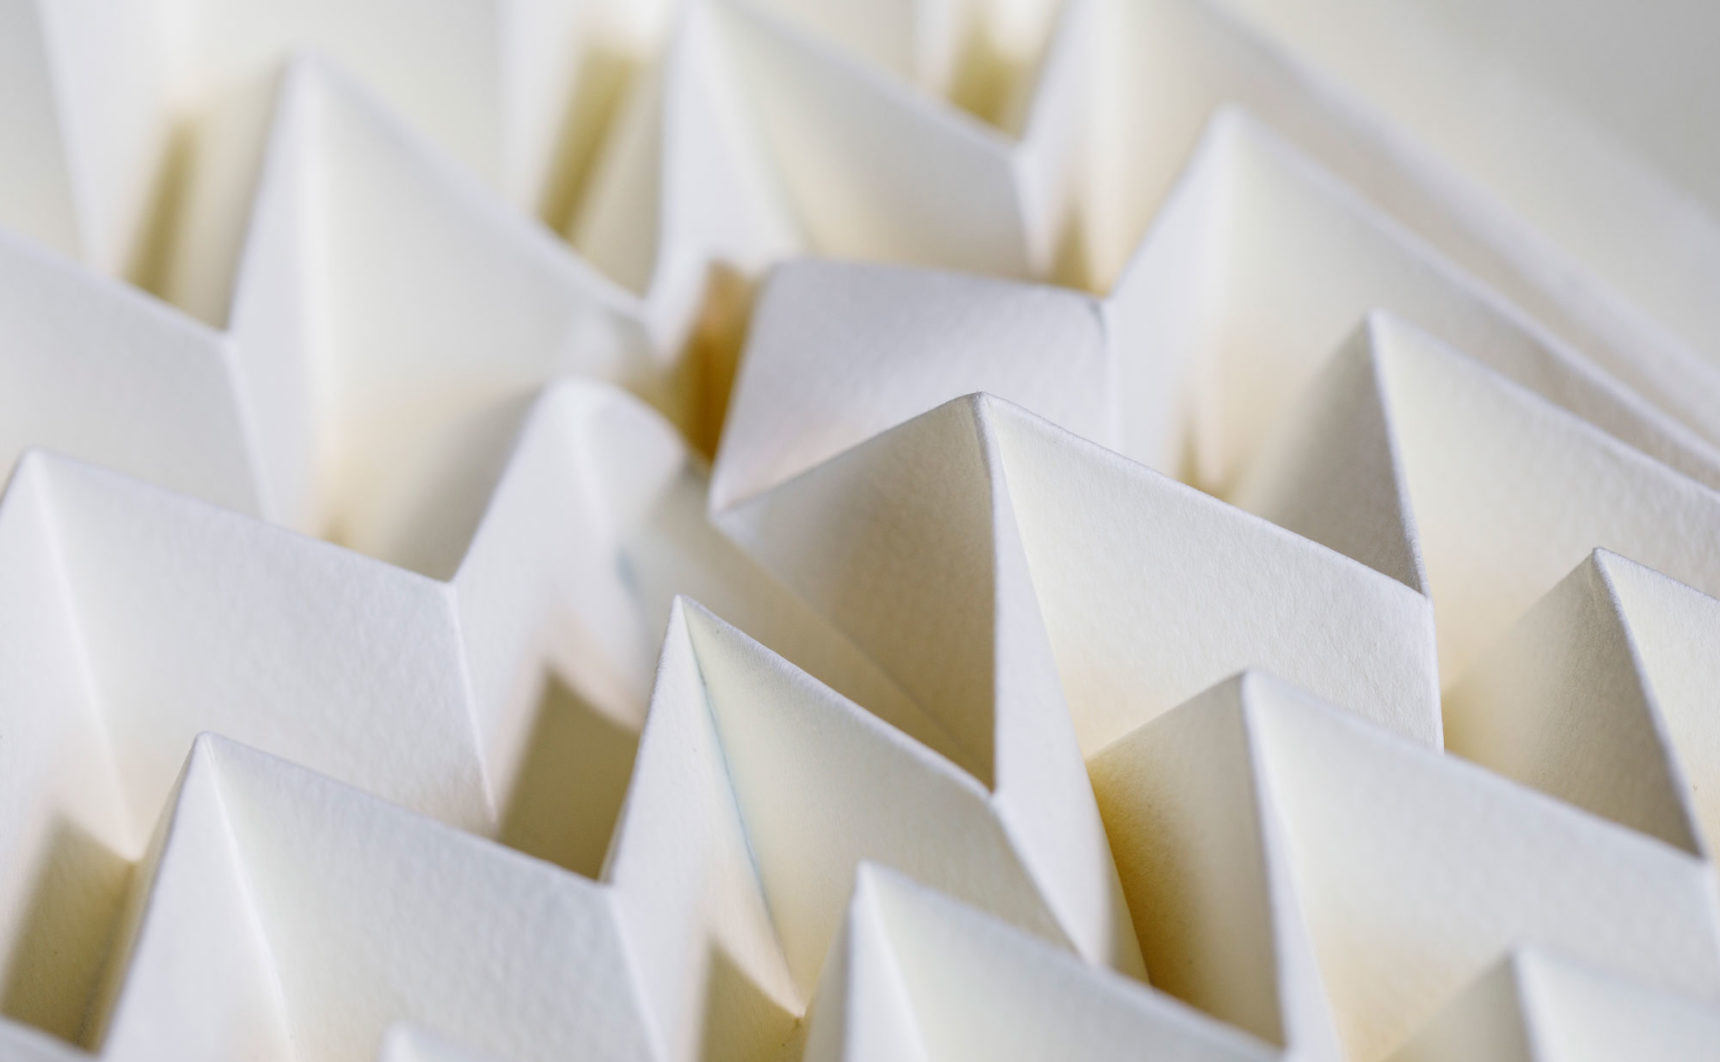 A defect in a beige sheet of Miura-ori